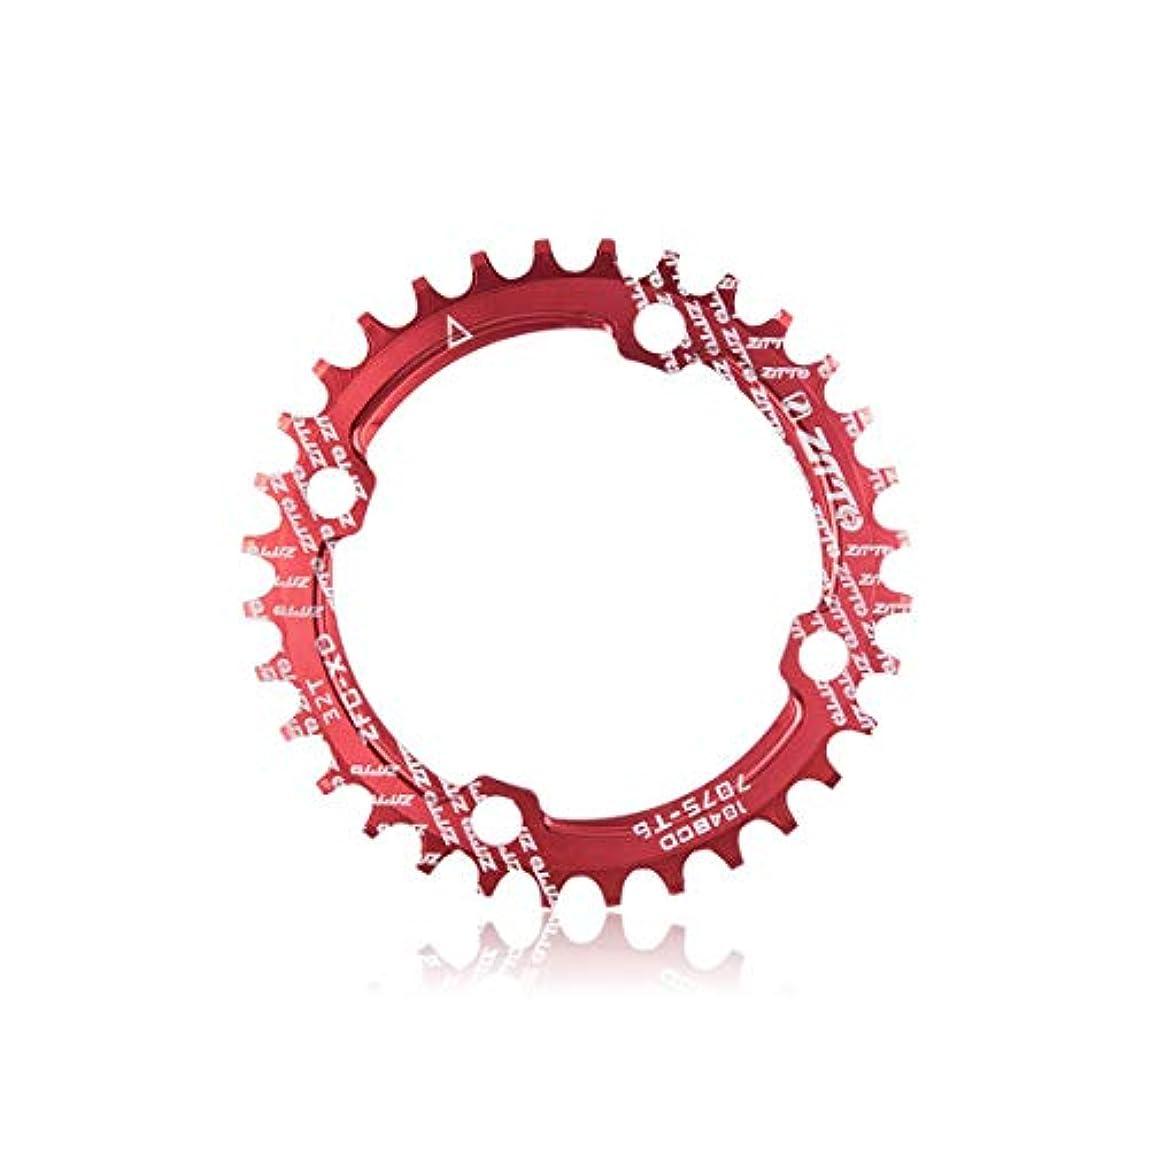 意味のあるセージ壮大【良い商品】バイクシングルスピードシステム狭い広いチェーンリング104 BCD ROUND 32T 34T 36T